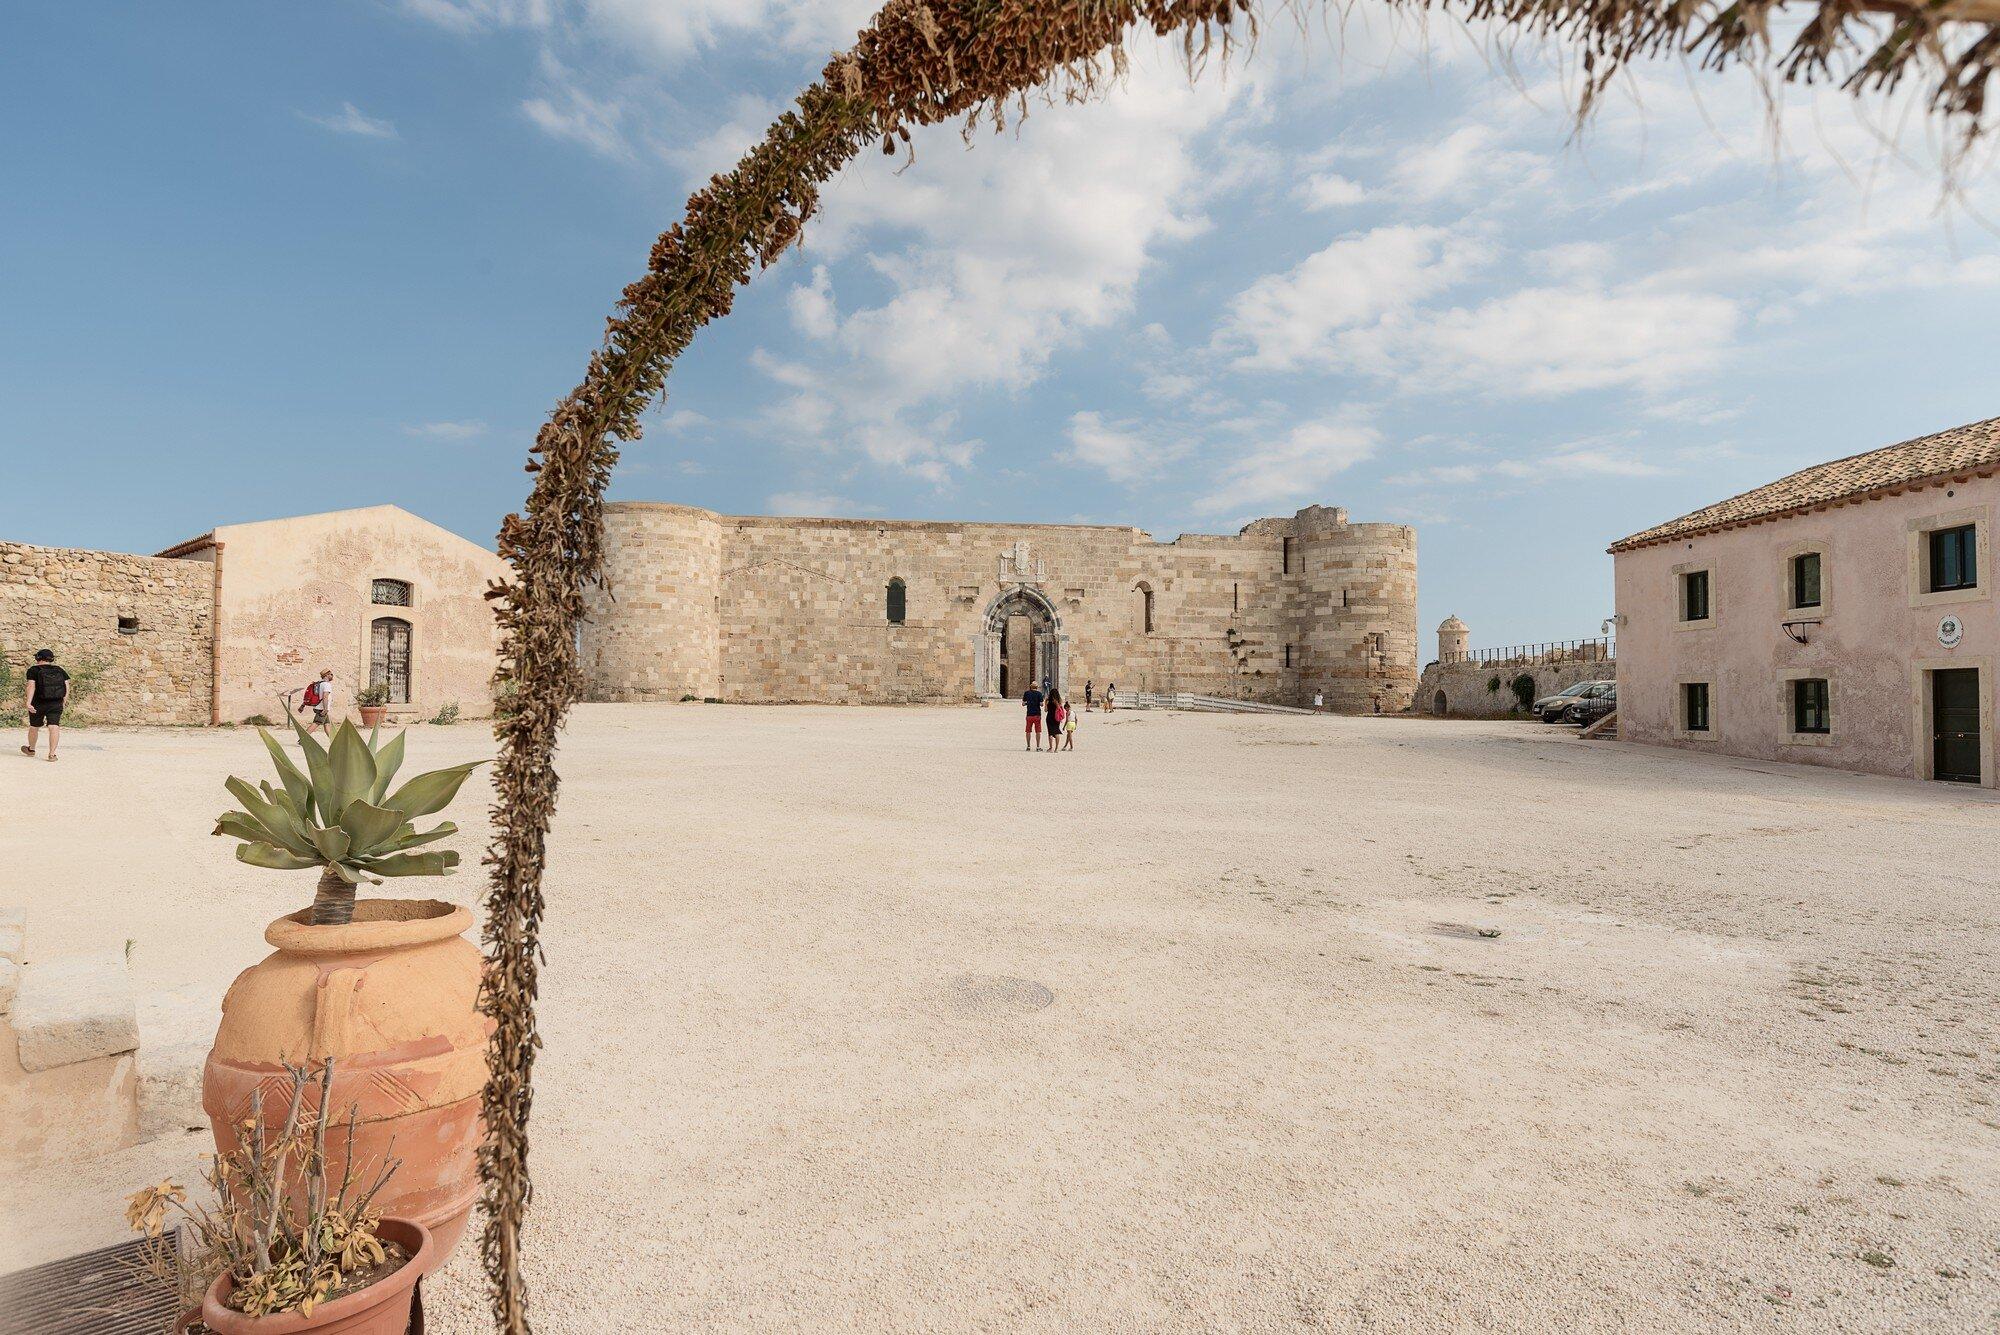 D05_5458 Siracusa castello_tn.jpg